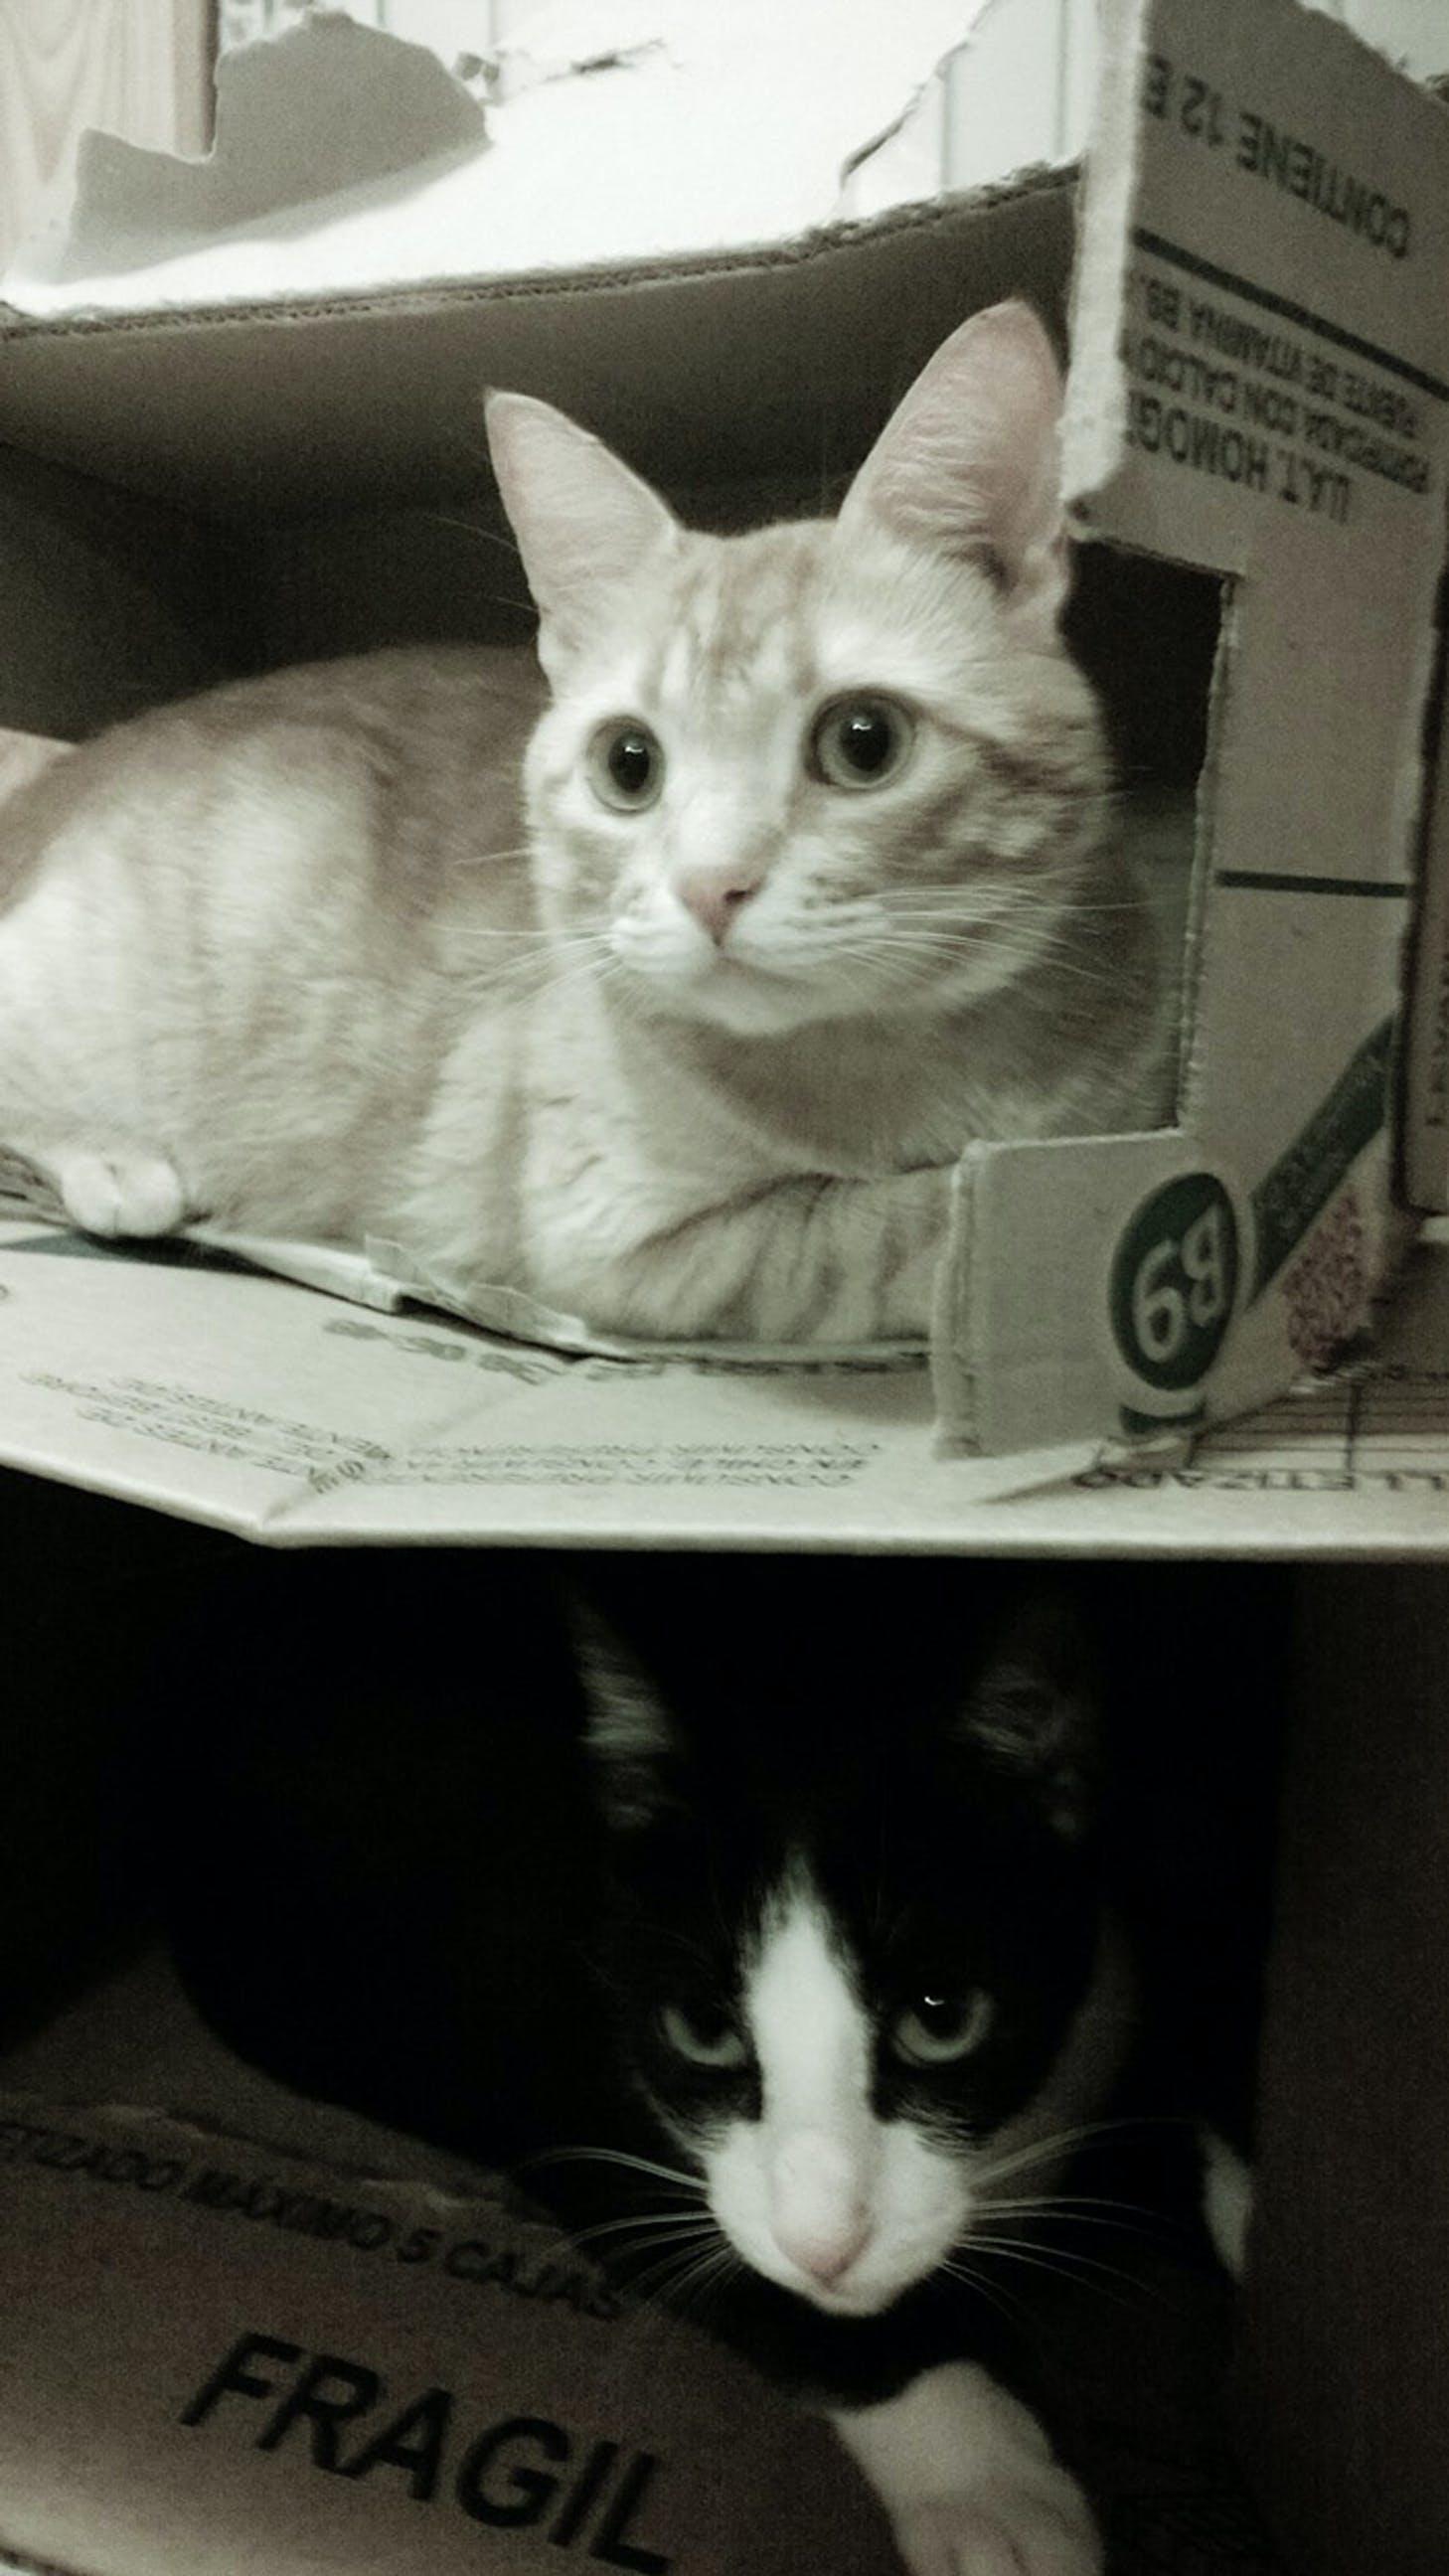 Δωρεάν στοκ φωτογραφιών με αγάπη, αντίθεση, Γάτα, κατοικίδιο